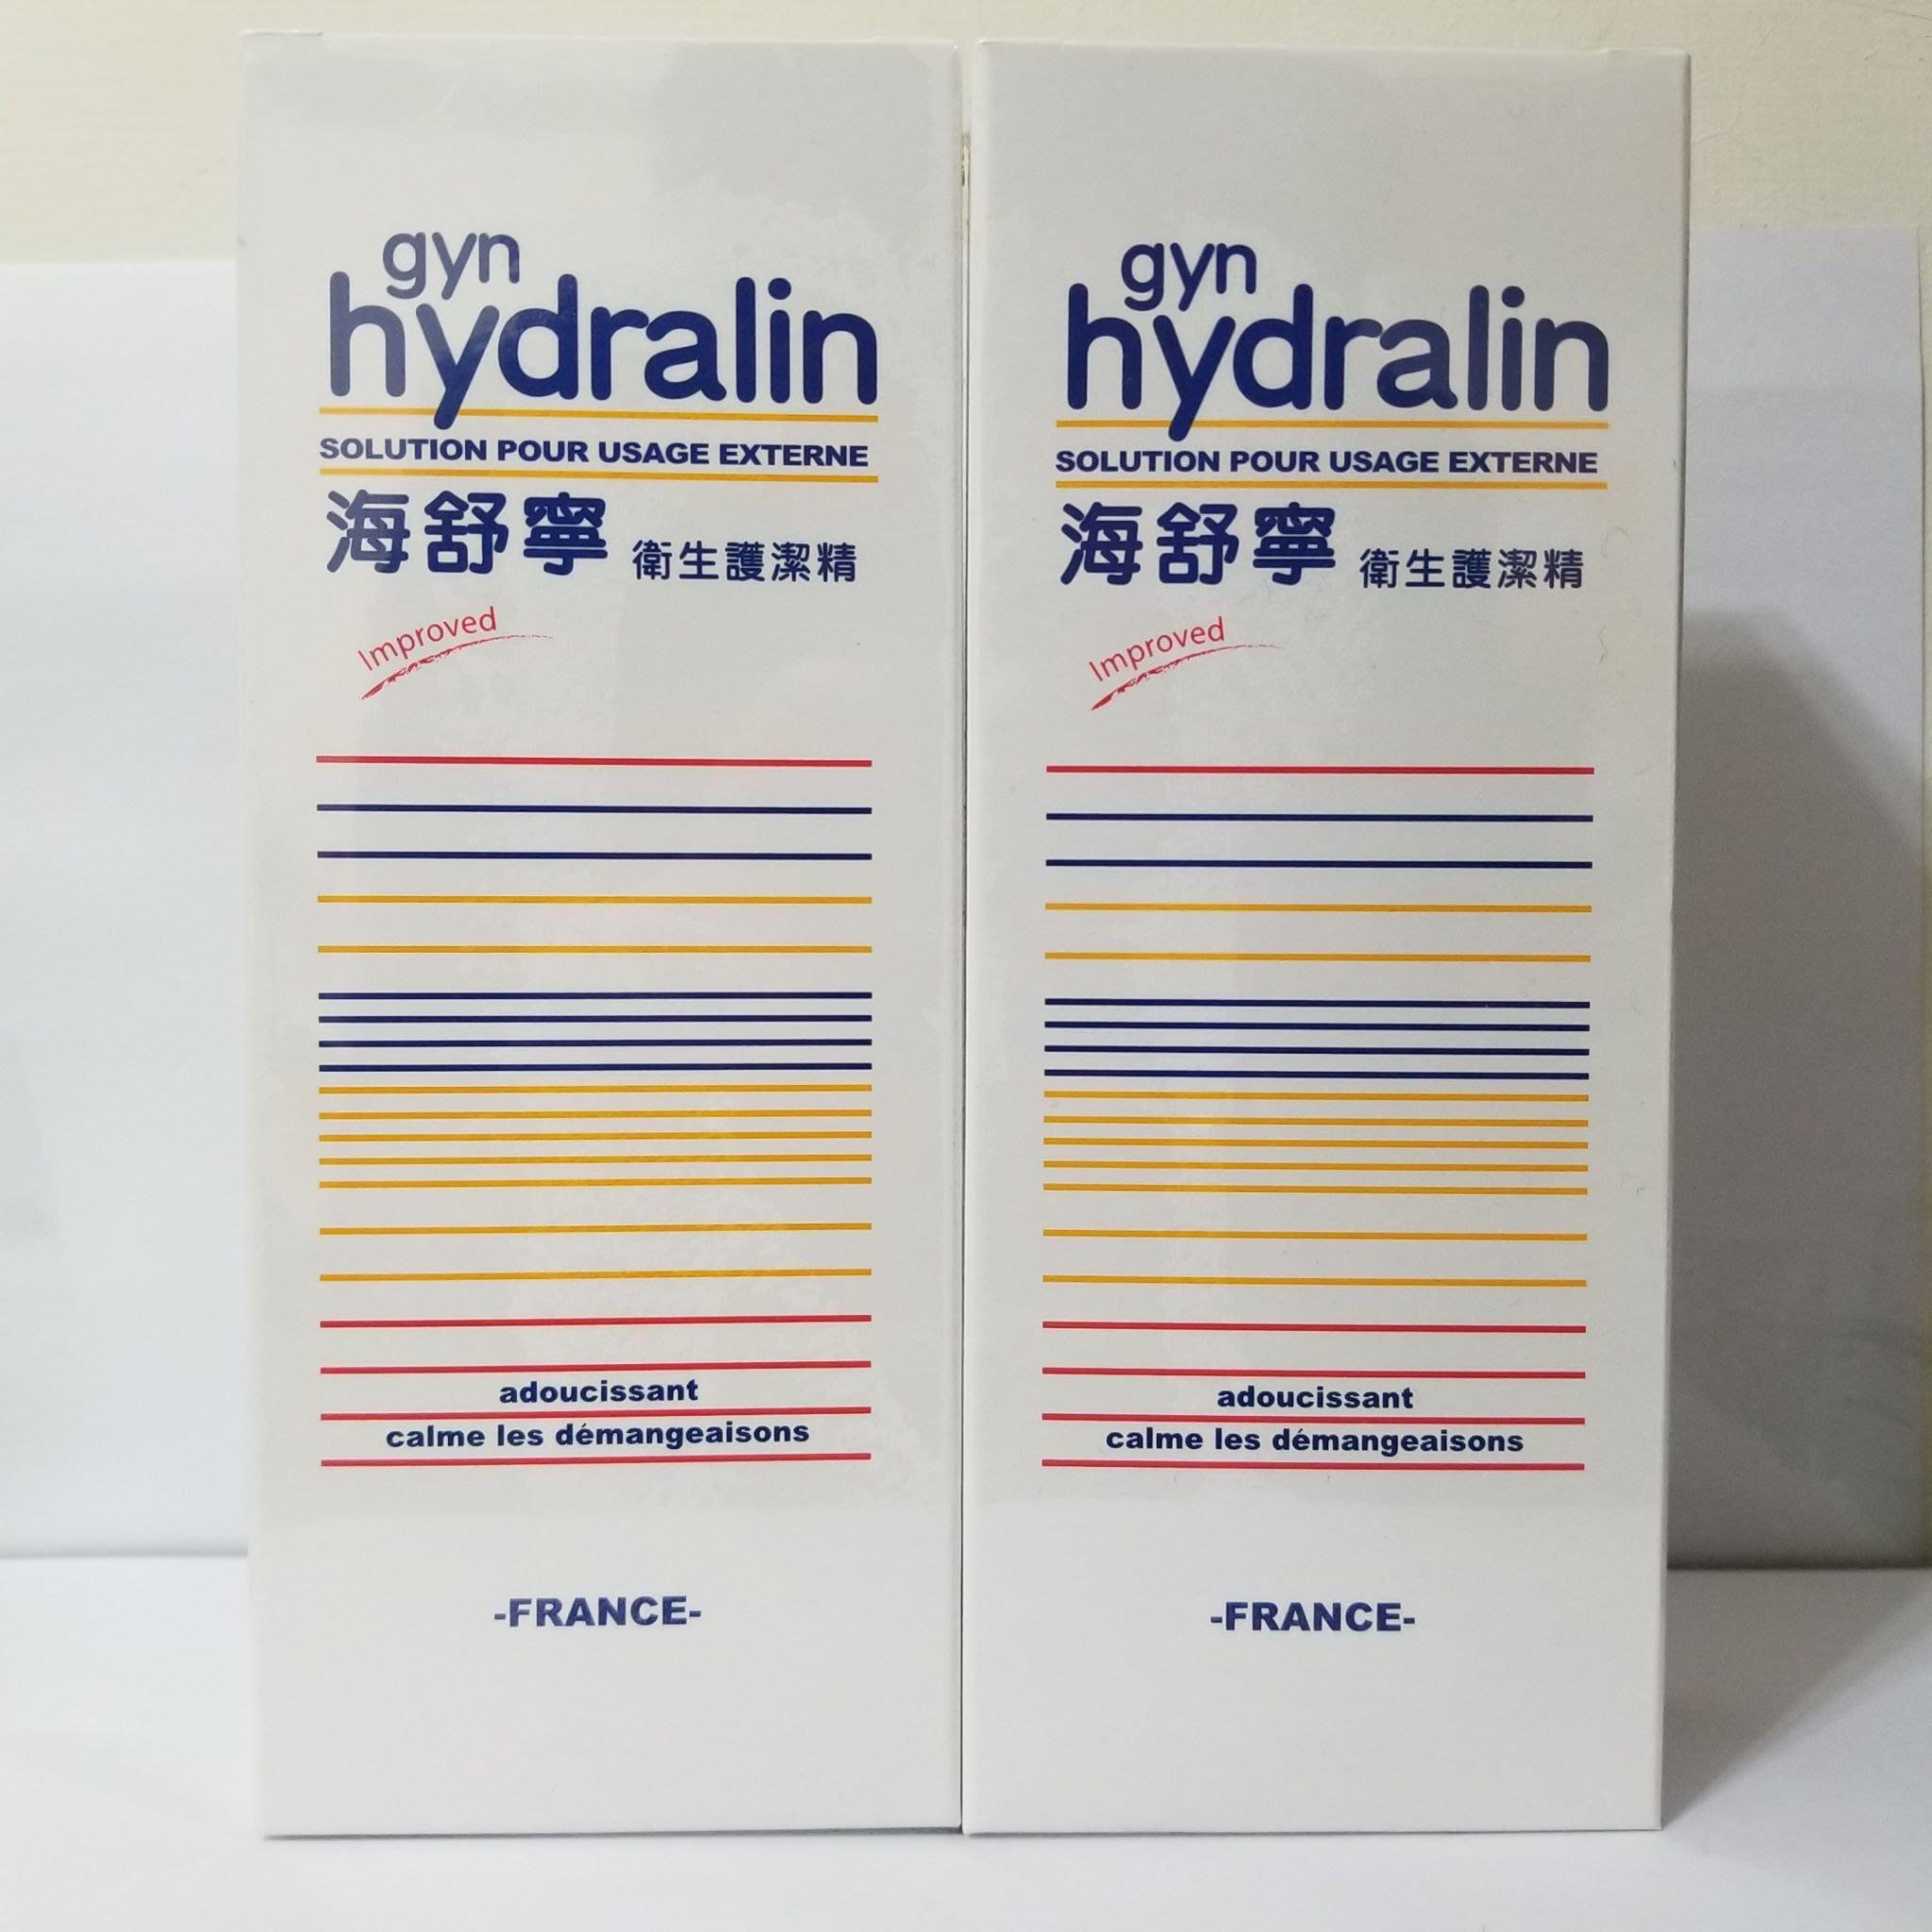 【專家藥妝】5瓶免運 海舒寧 衛生護潔精 200ml (公司貨) 法國授權台灣製造